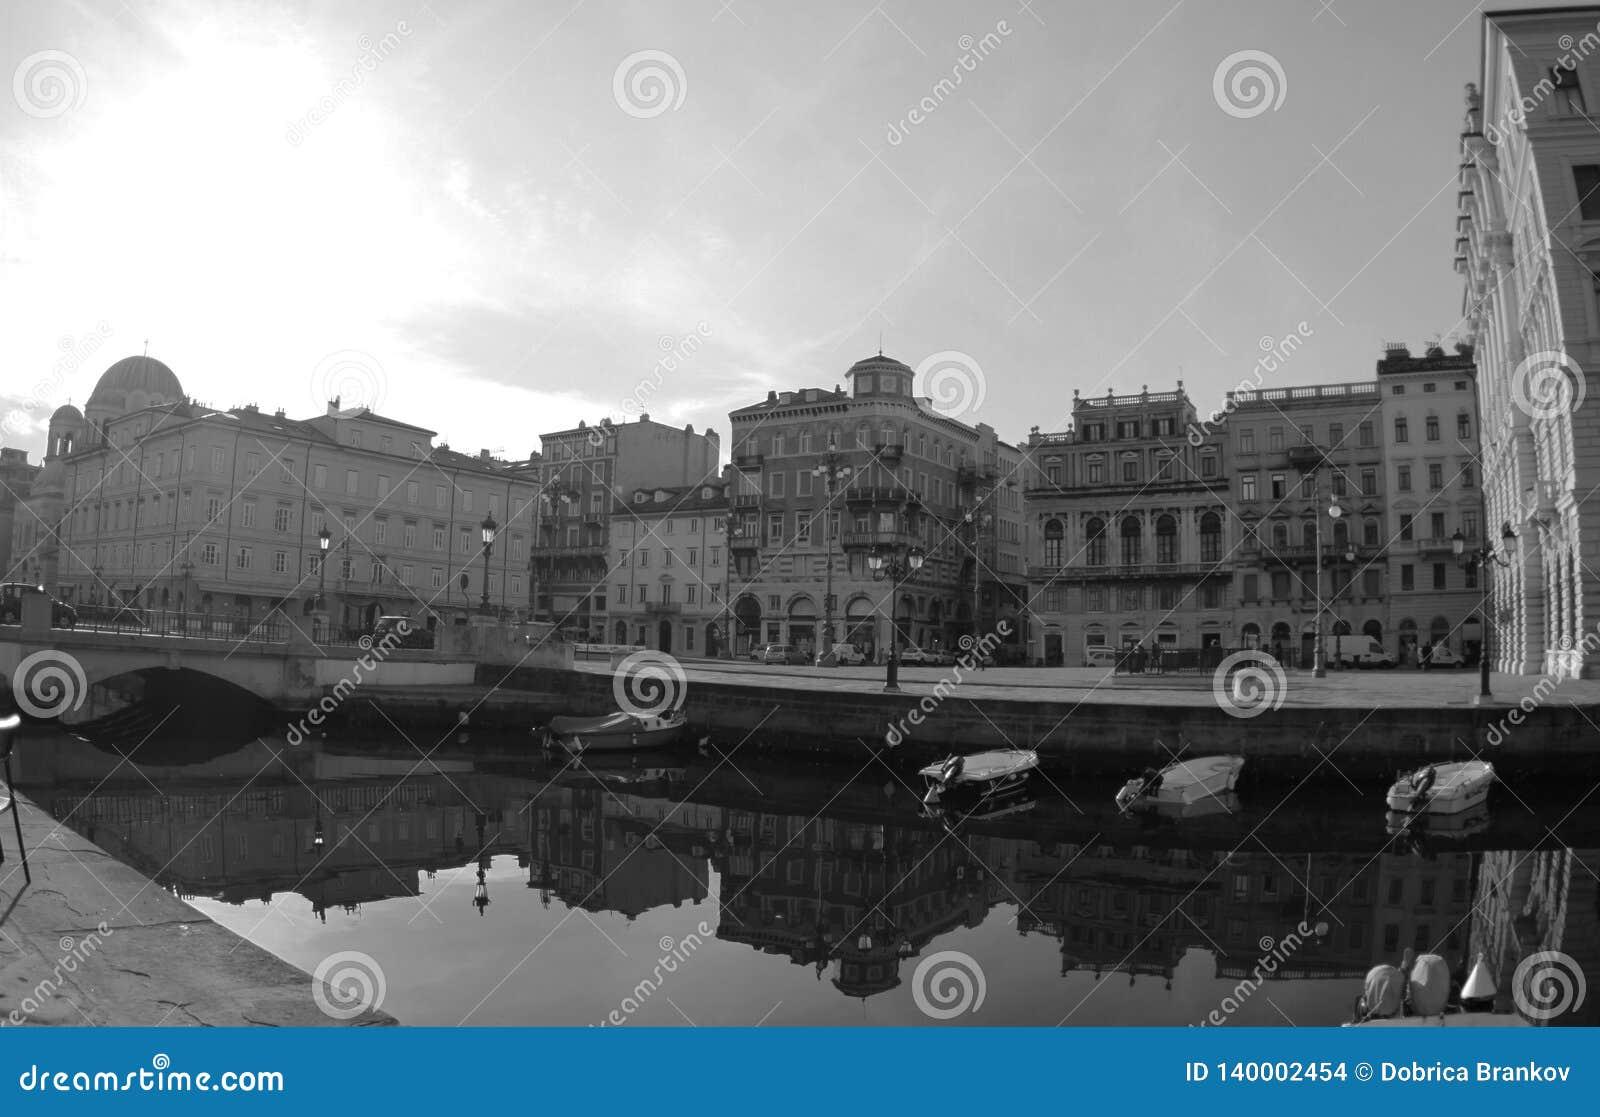 Kanal groß und Port in der Stadt, Triest, Italien 2019 Schwarzweiss-Foto Pekings, China